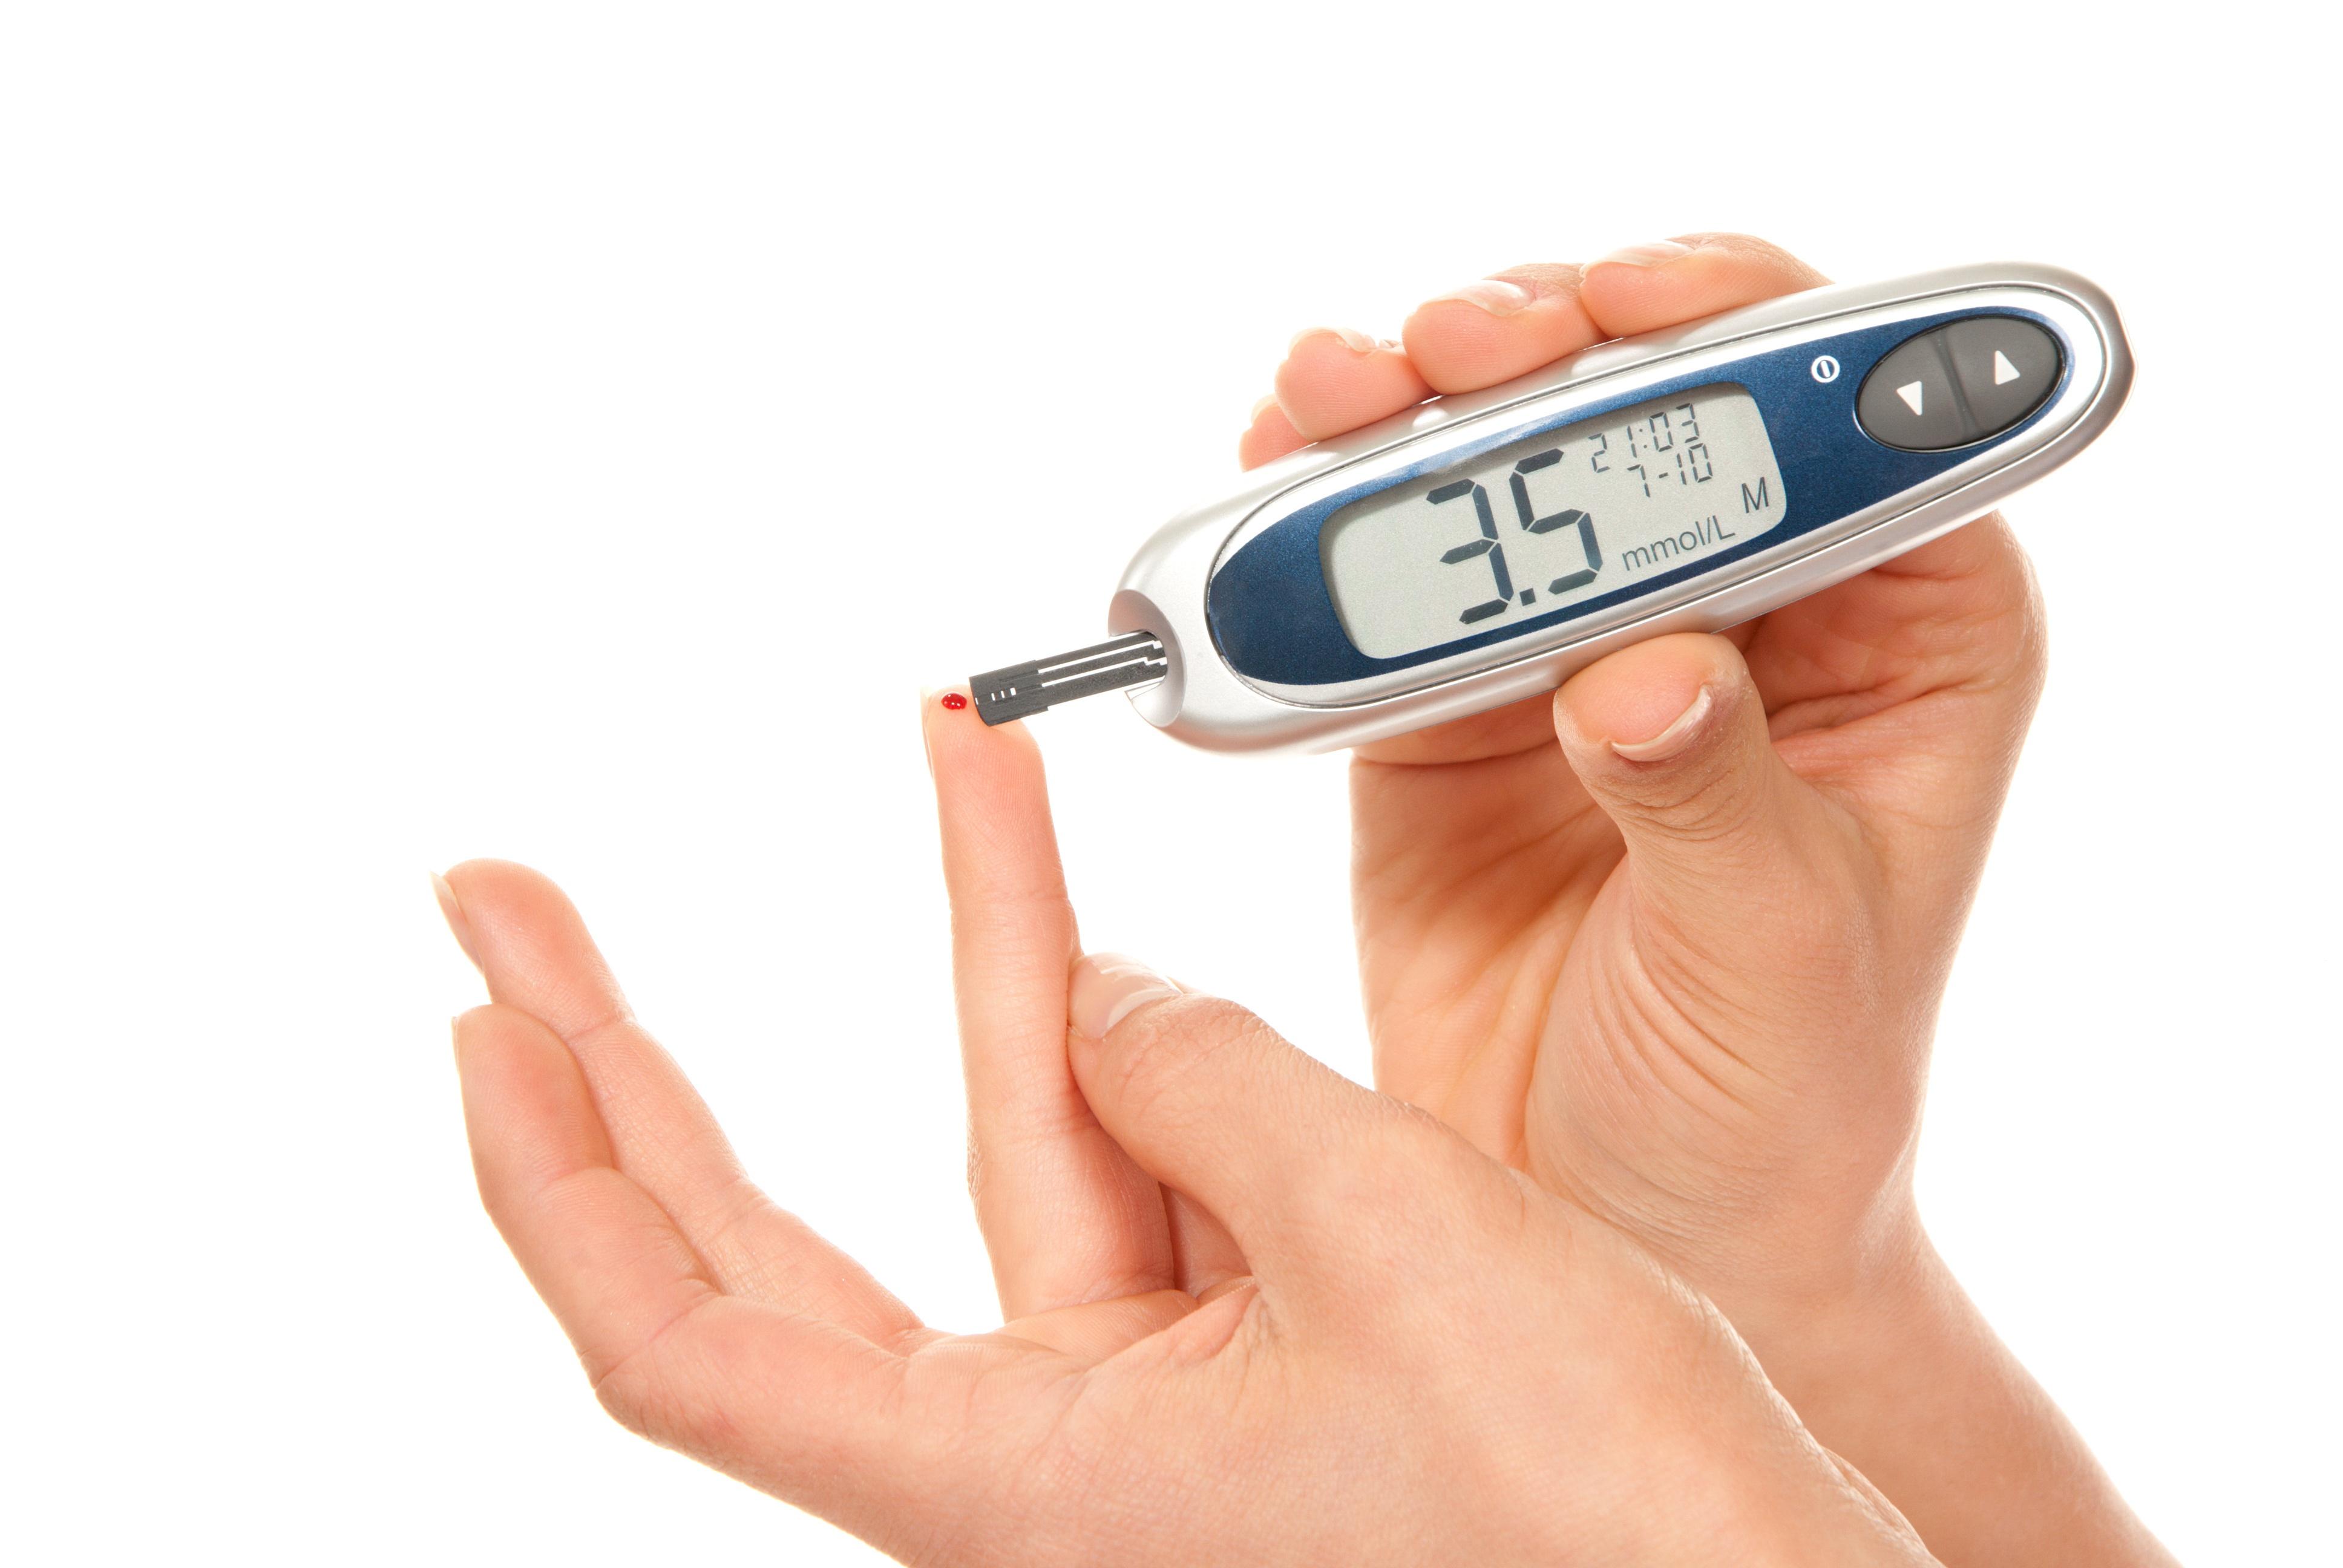 холестерин в крови 5 3